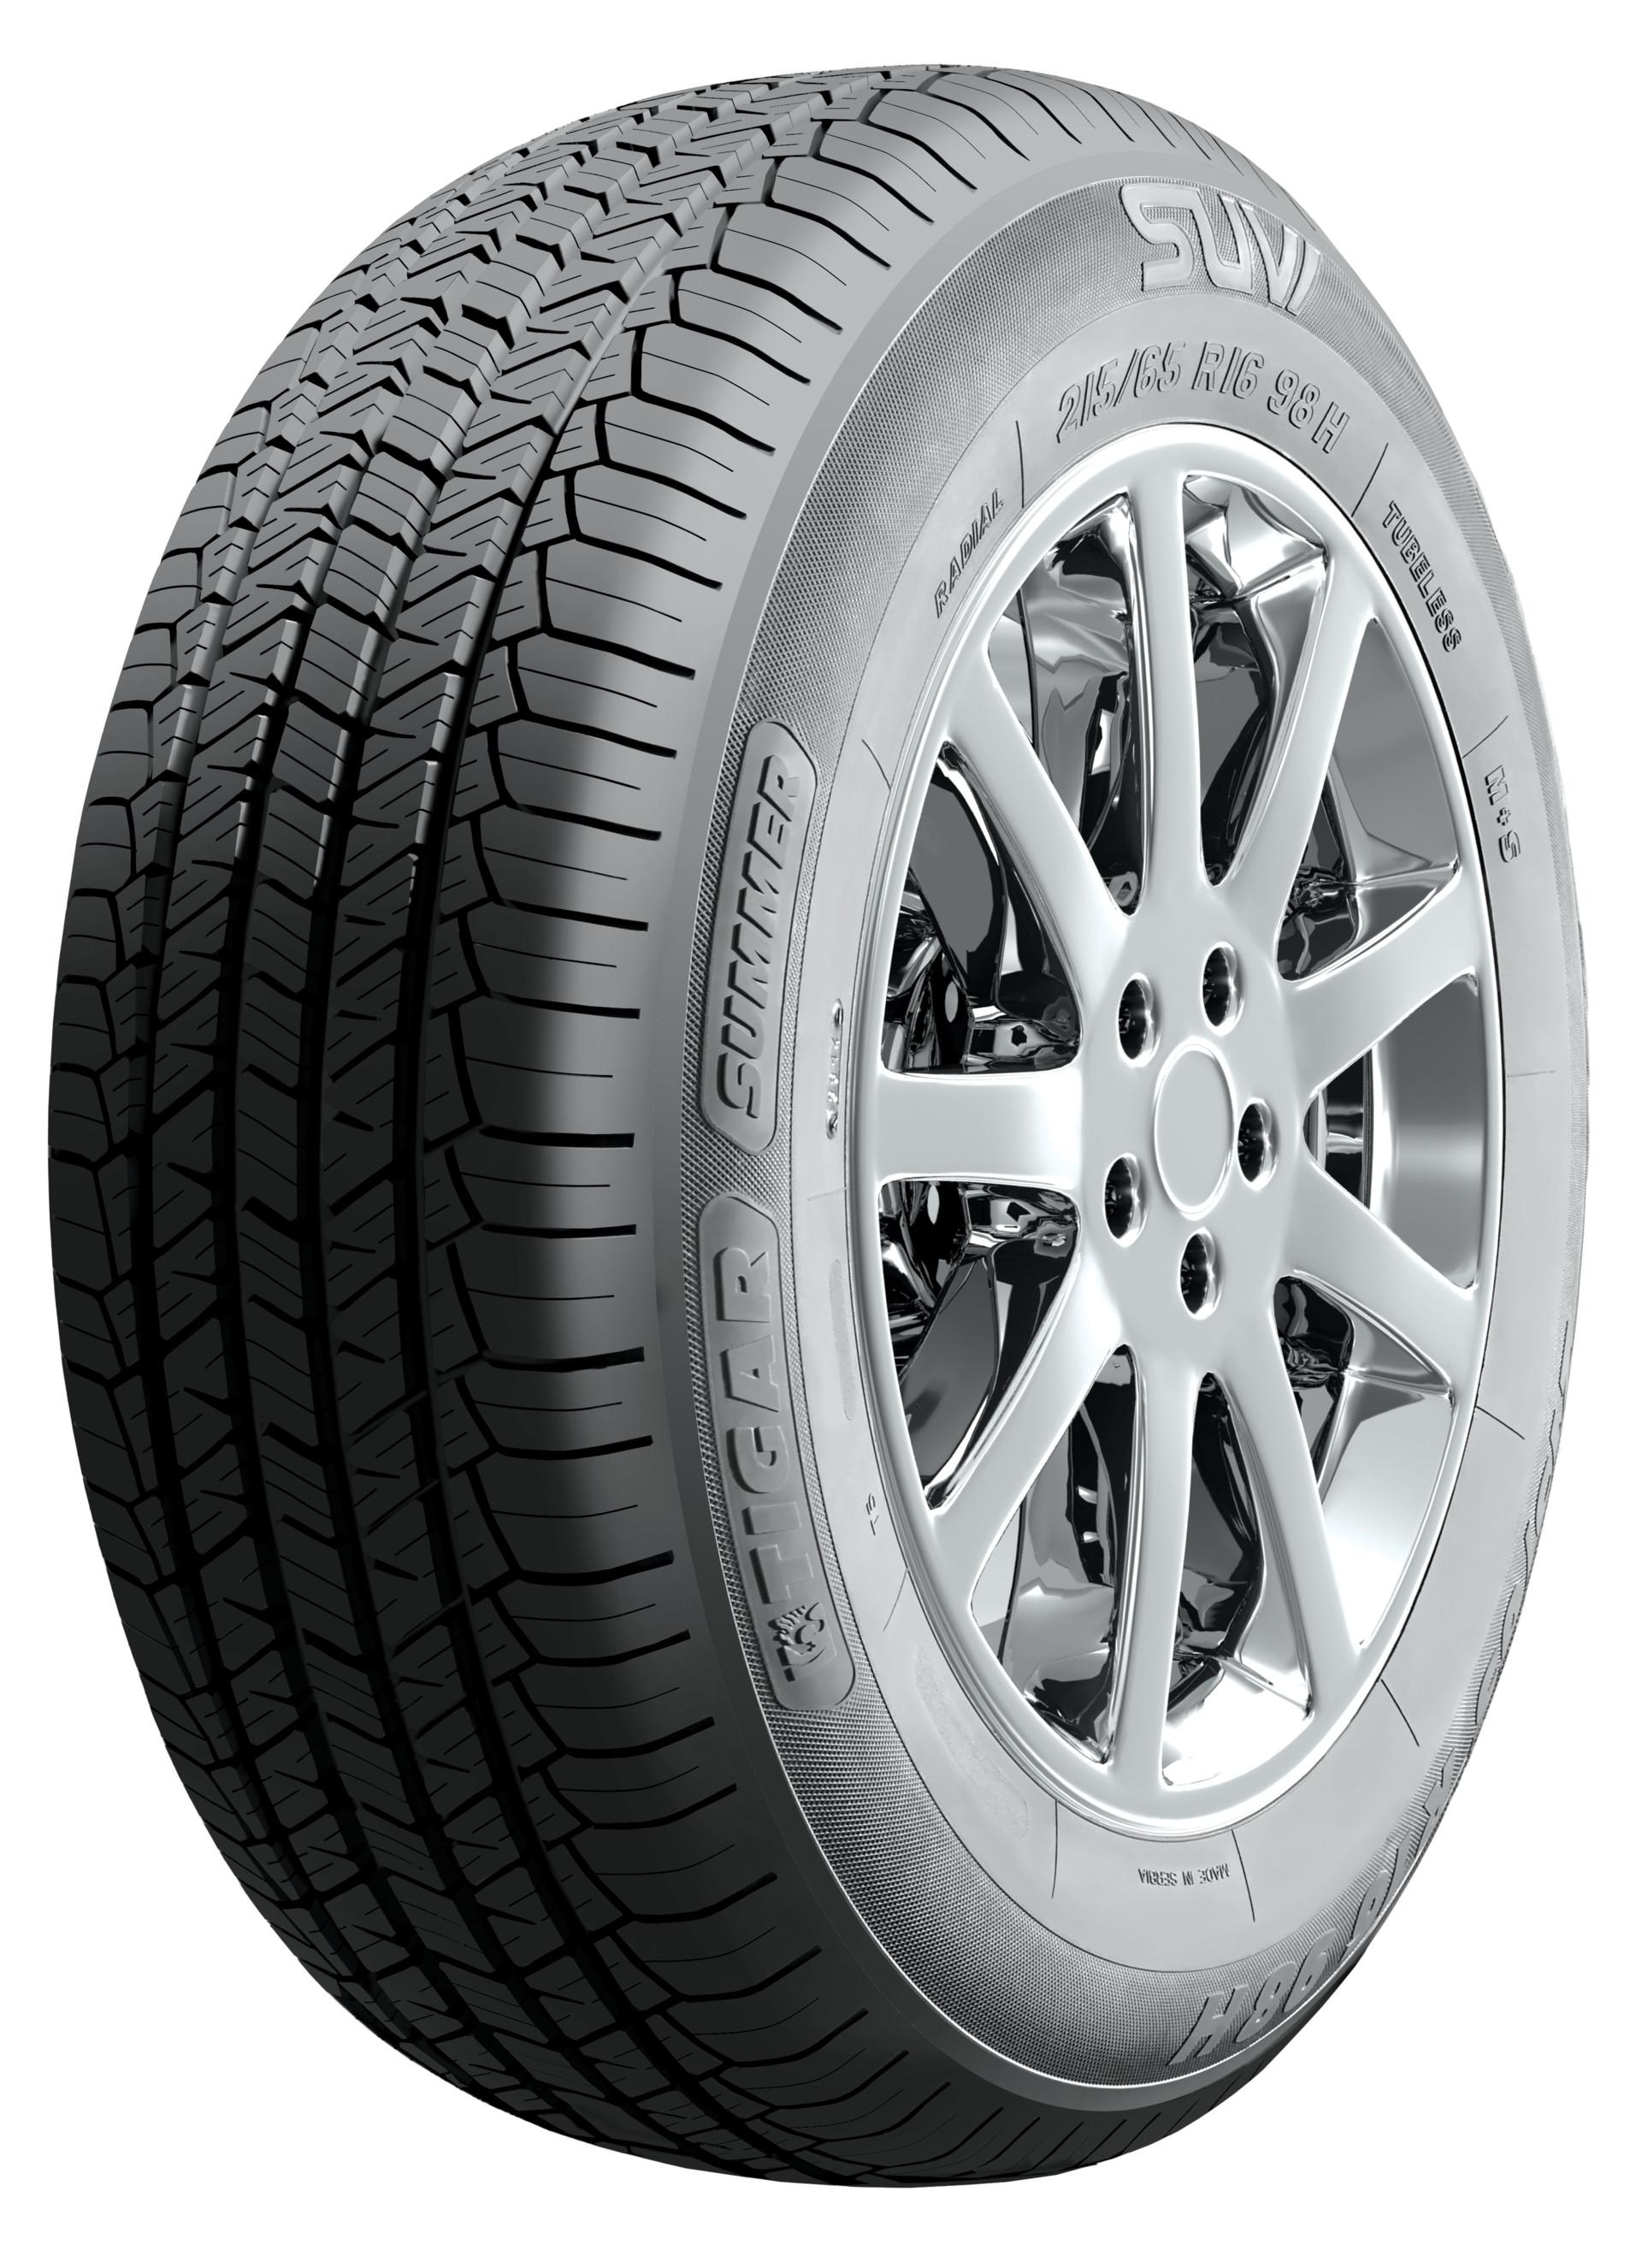 TIGAR SUV SUMMER 255/55R18 109W XL M+S